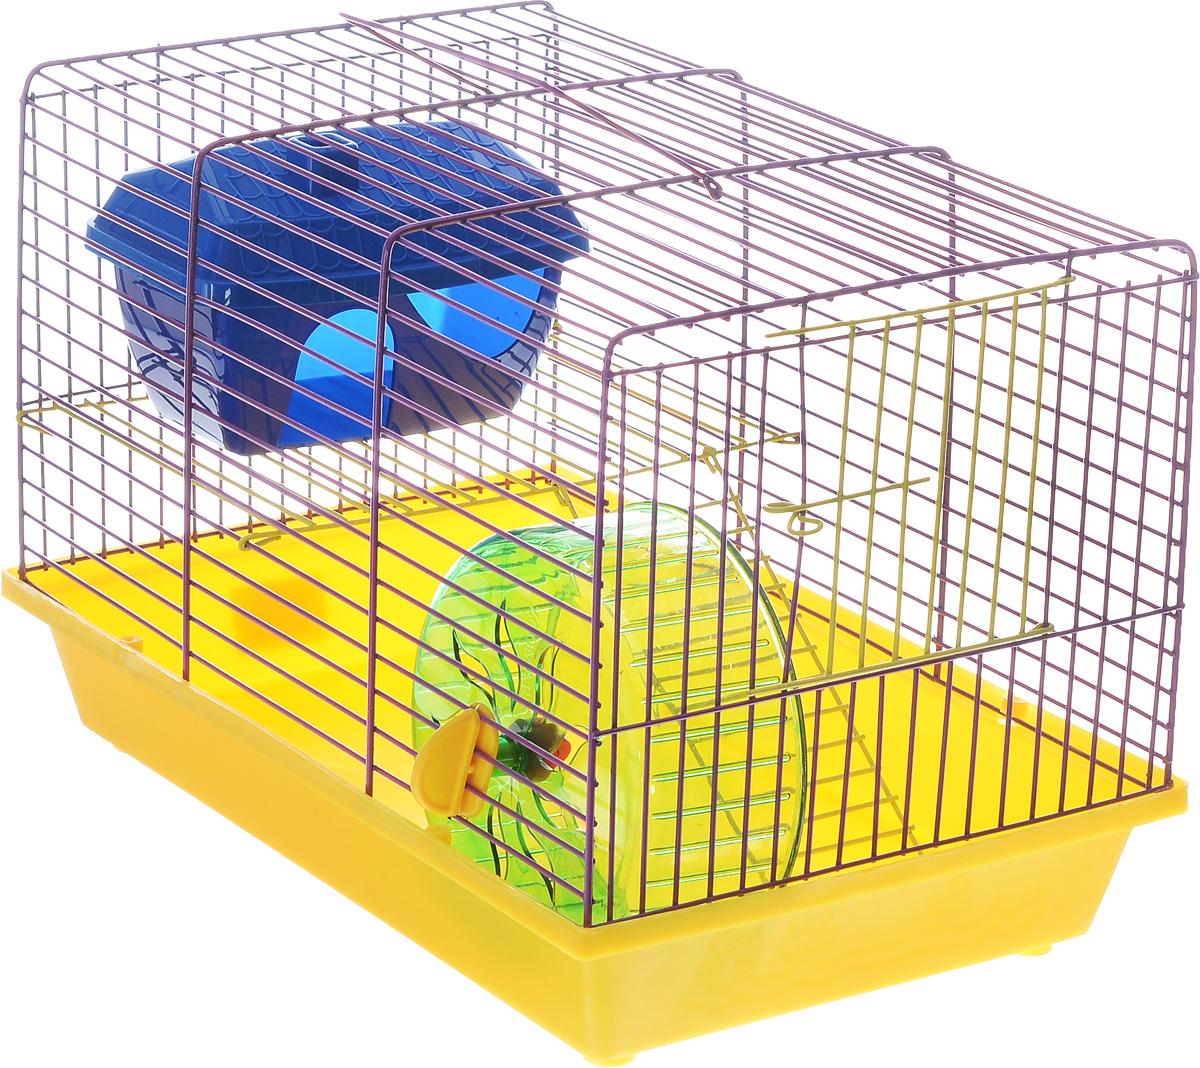 Клетка для грызунов ЗооМарк, 2-этажная, цвет: желтый поддон, фиолетовая решетка, 36 х 22 х 24 см125жЖФКлетка ЗооМарк, выполненная из полипропилена и металла, подходит для мелких грызунов. Изделие двухэтажное, оборудовано колесом для подвижных игр и пластиковым домиком. Клетка имеет яркий поддон, удобна в использовании и легко чистится. Сверху имеется ручка для переноски, а сбоку удобная дверца. Такая клетка станет уединенным личным пространством и уютным домиком для маленького грызуна.